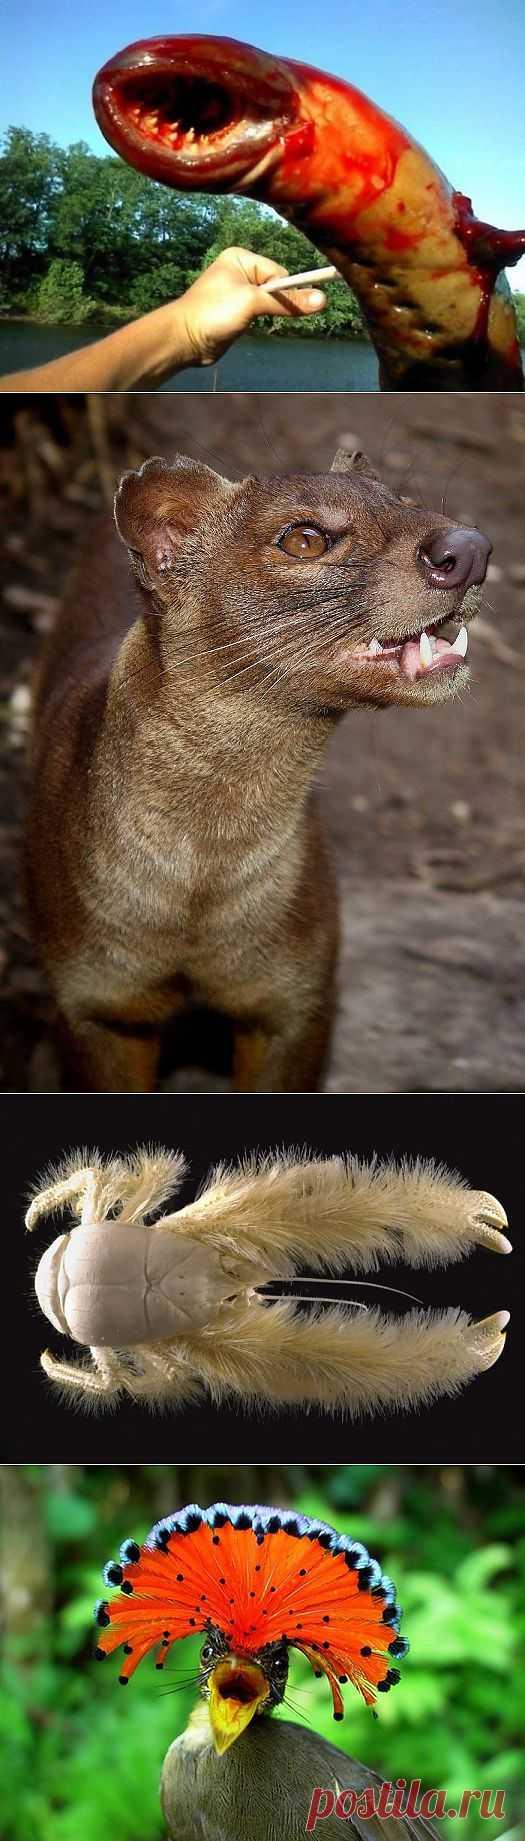 Редкие существа, о которых мало что известно (30 фото) - ВШоке.инфо - шокирующие новости, факты, видео и многое другое!